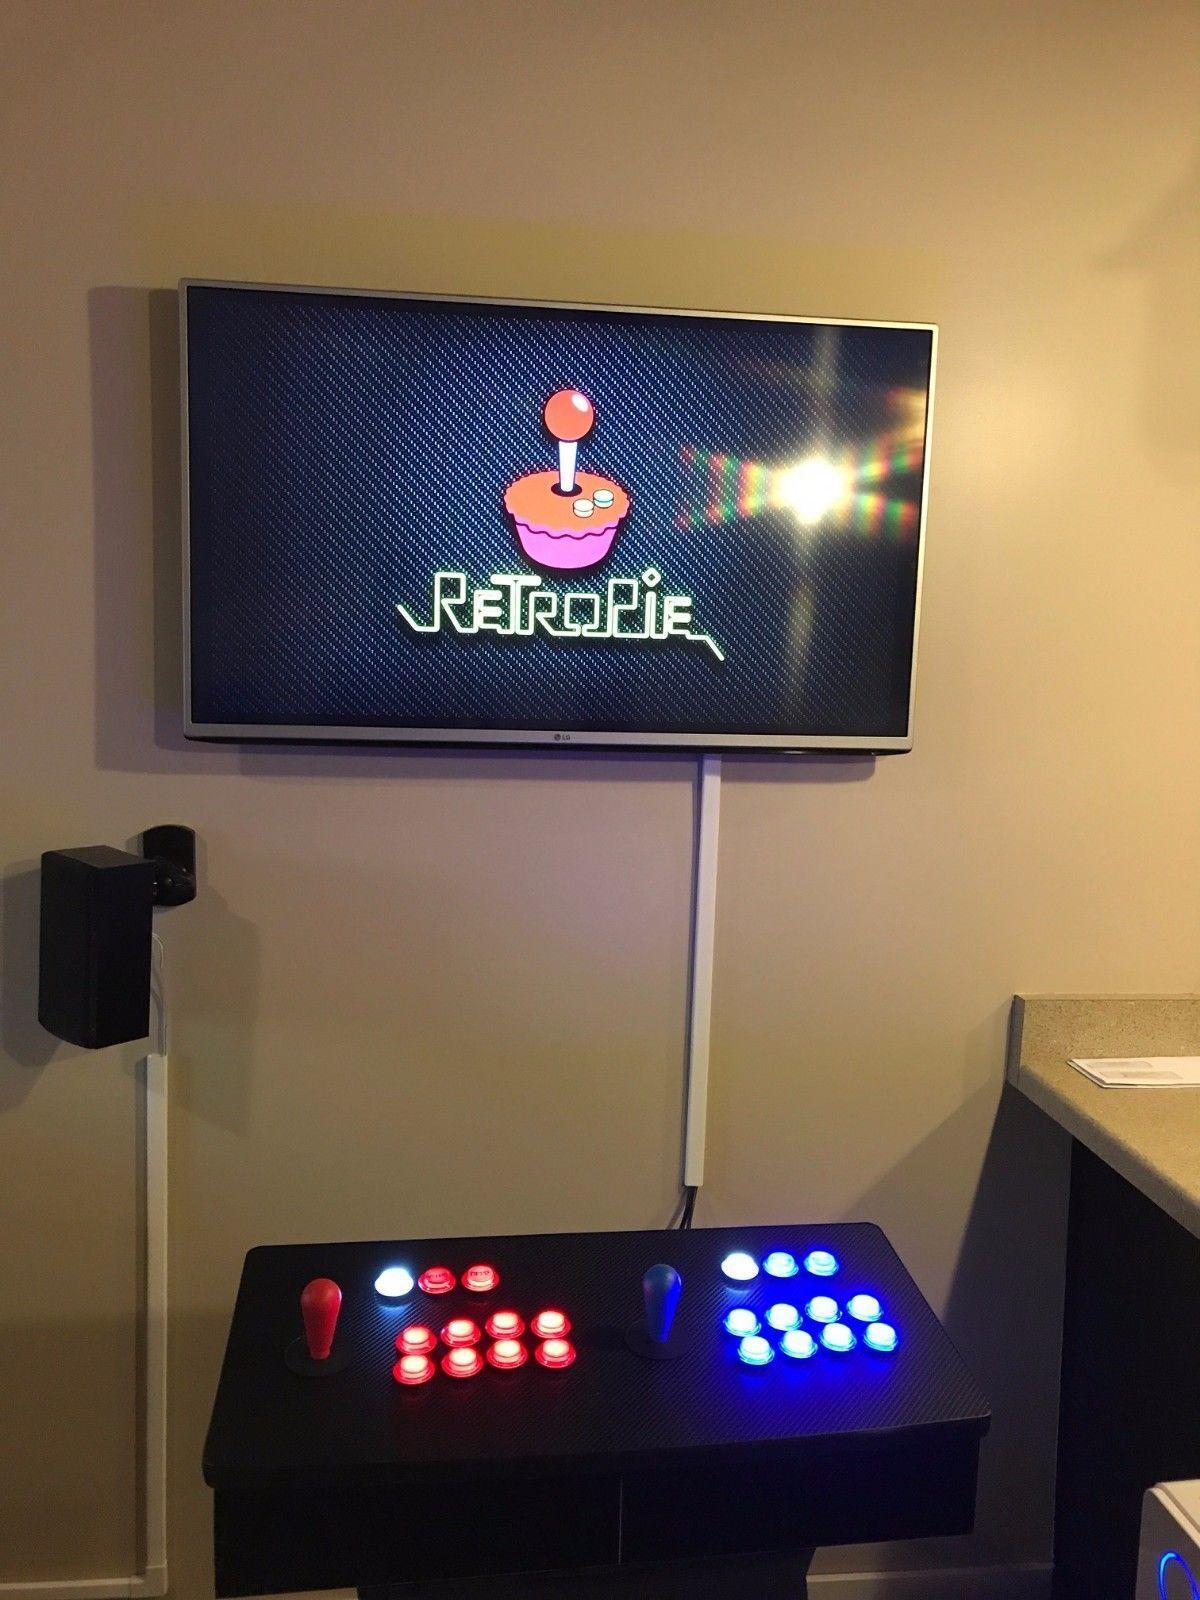 5,384 Game Arcade Setup! Retro Pie With 2 Player, 2 Joystick, 22